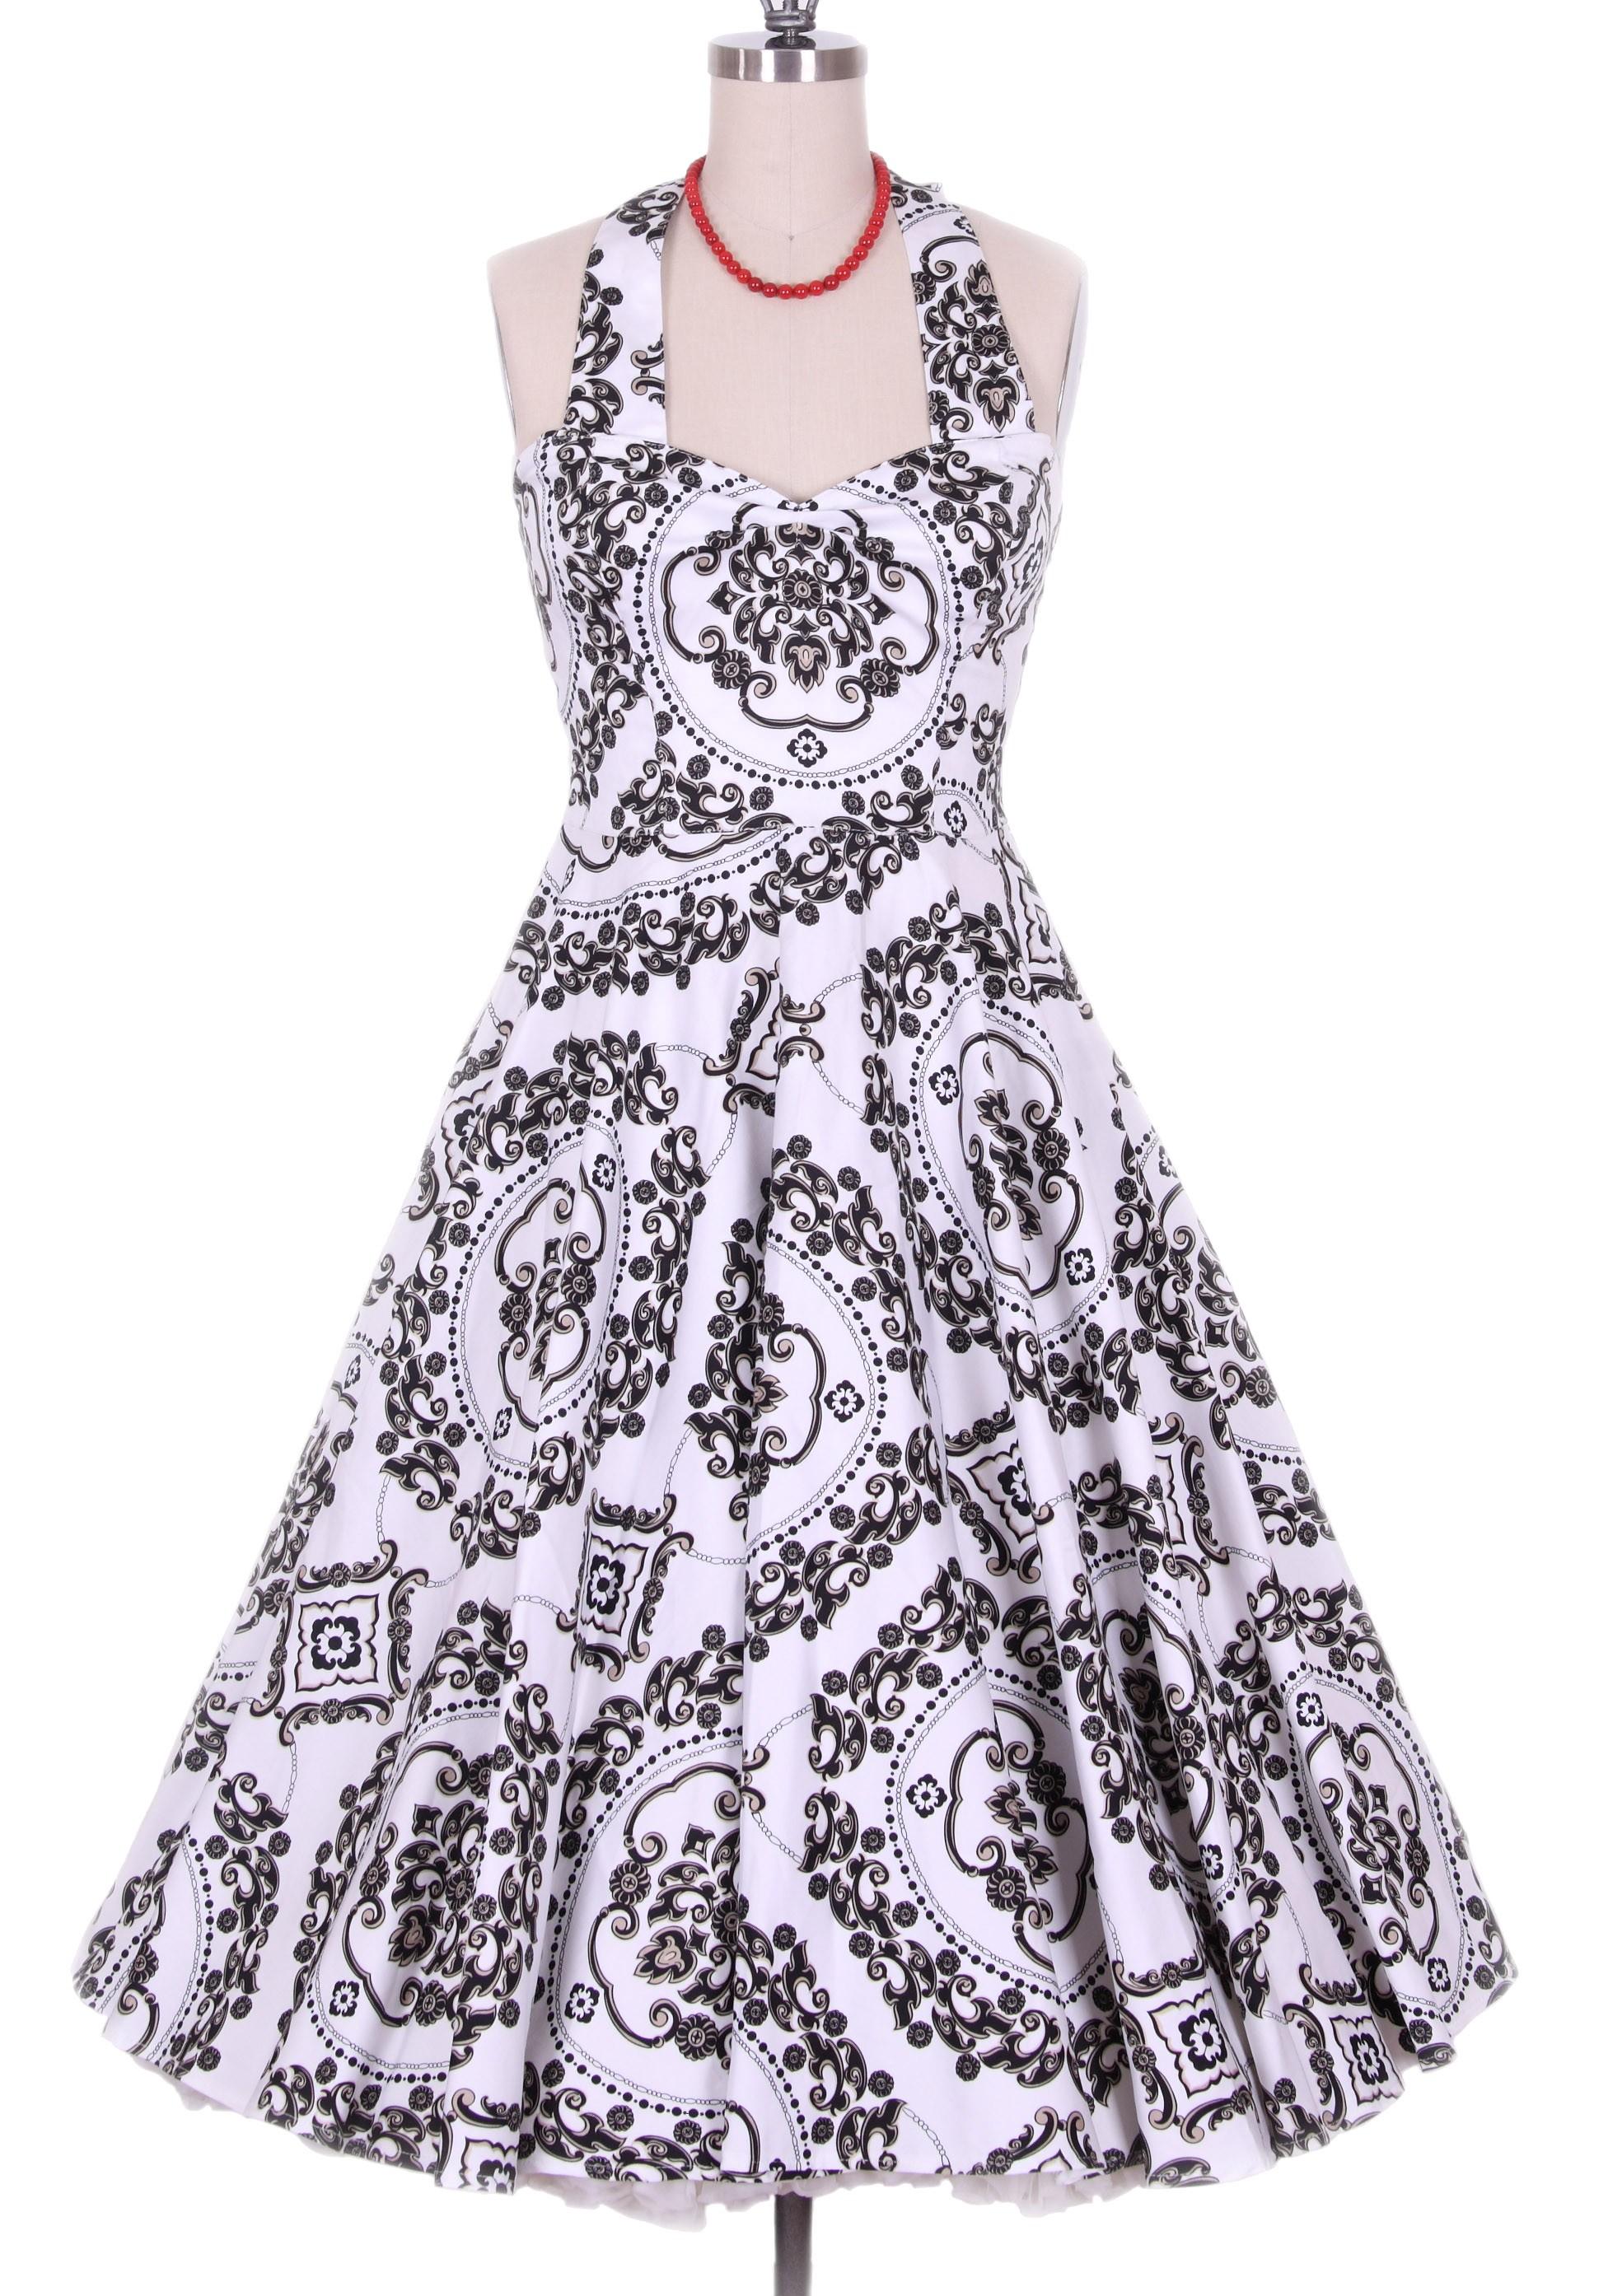 Stunning Tough but Sweet Damsel Dress